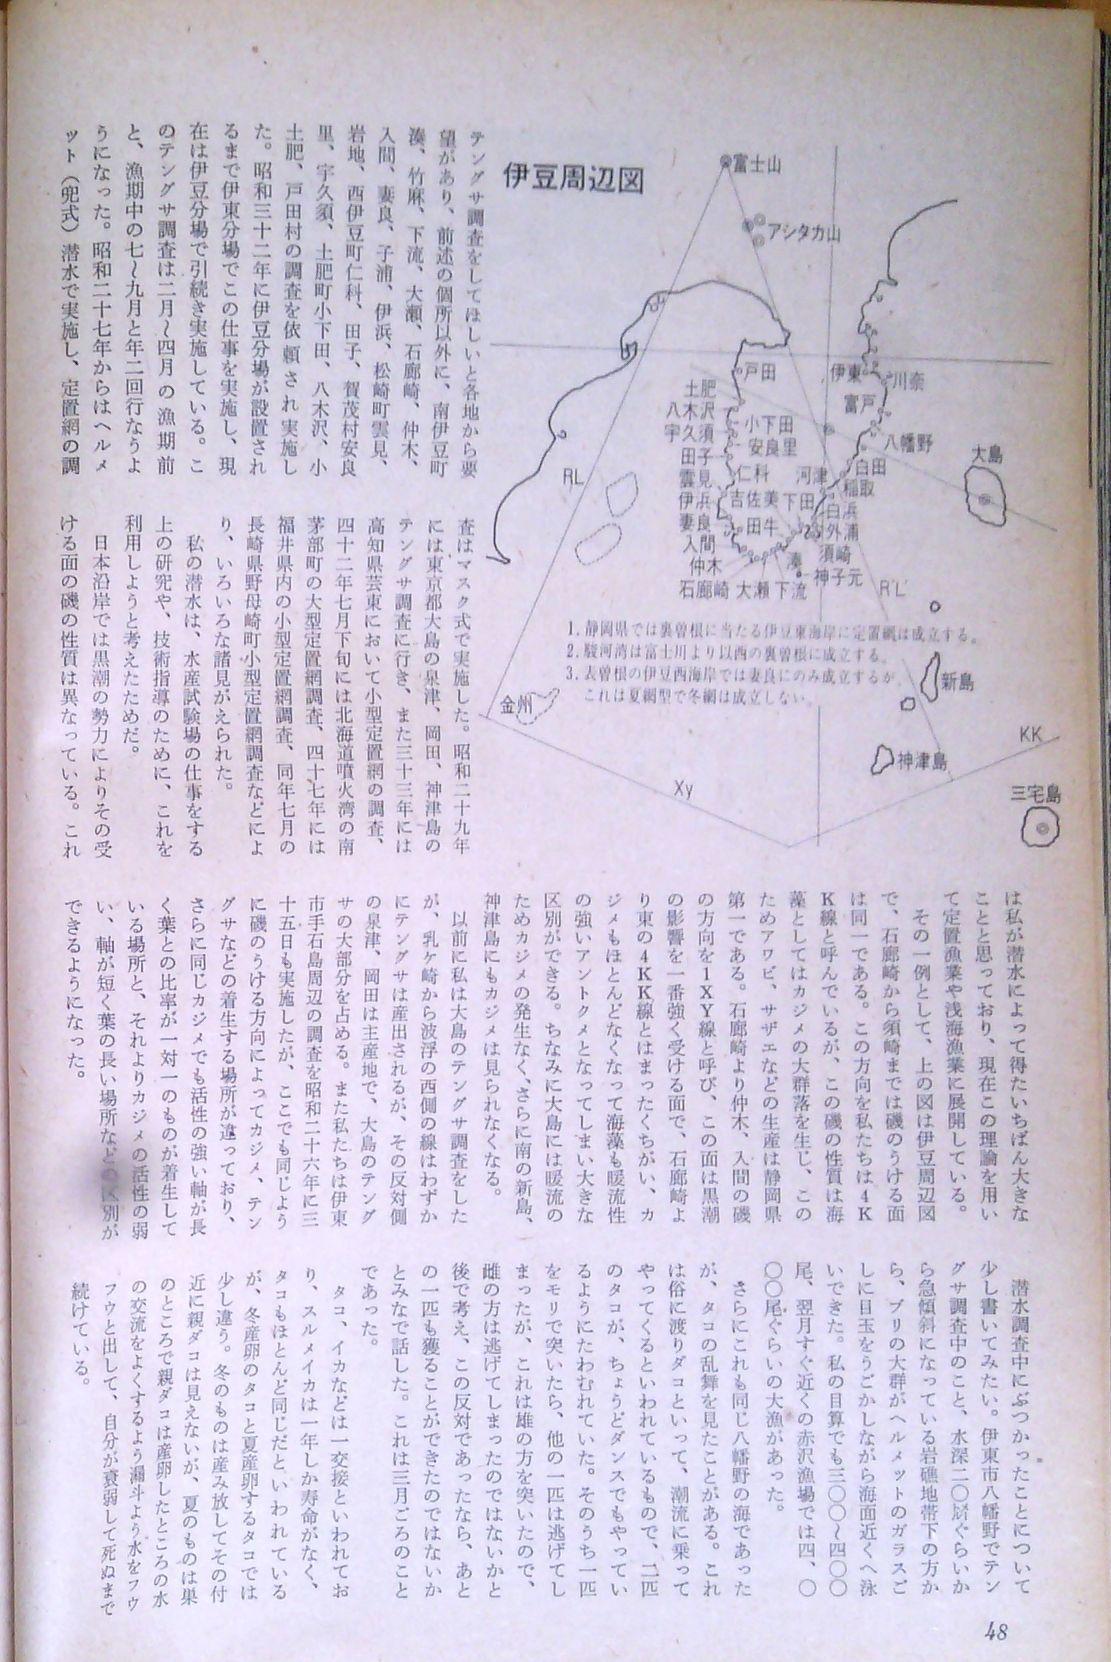 0517 ダイビングの歴史 72 海の世界1974-7月 2_b0075059_15172720.jpg